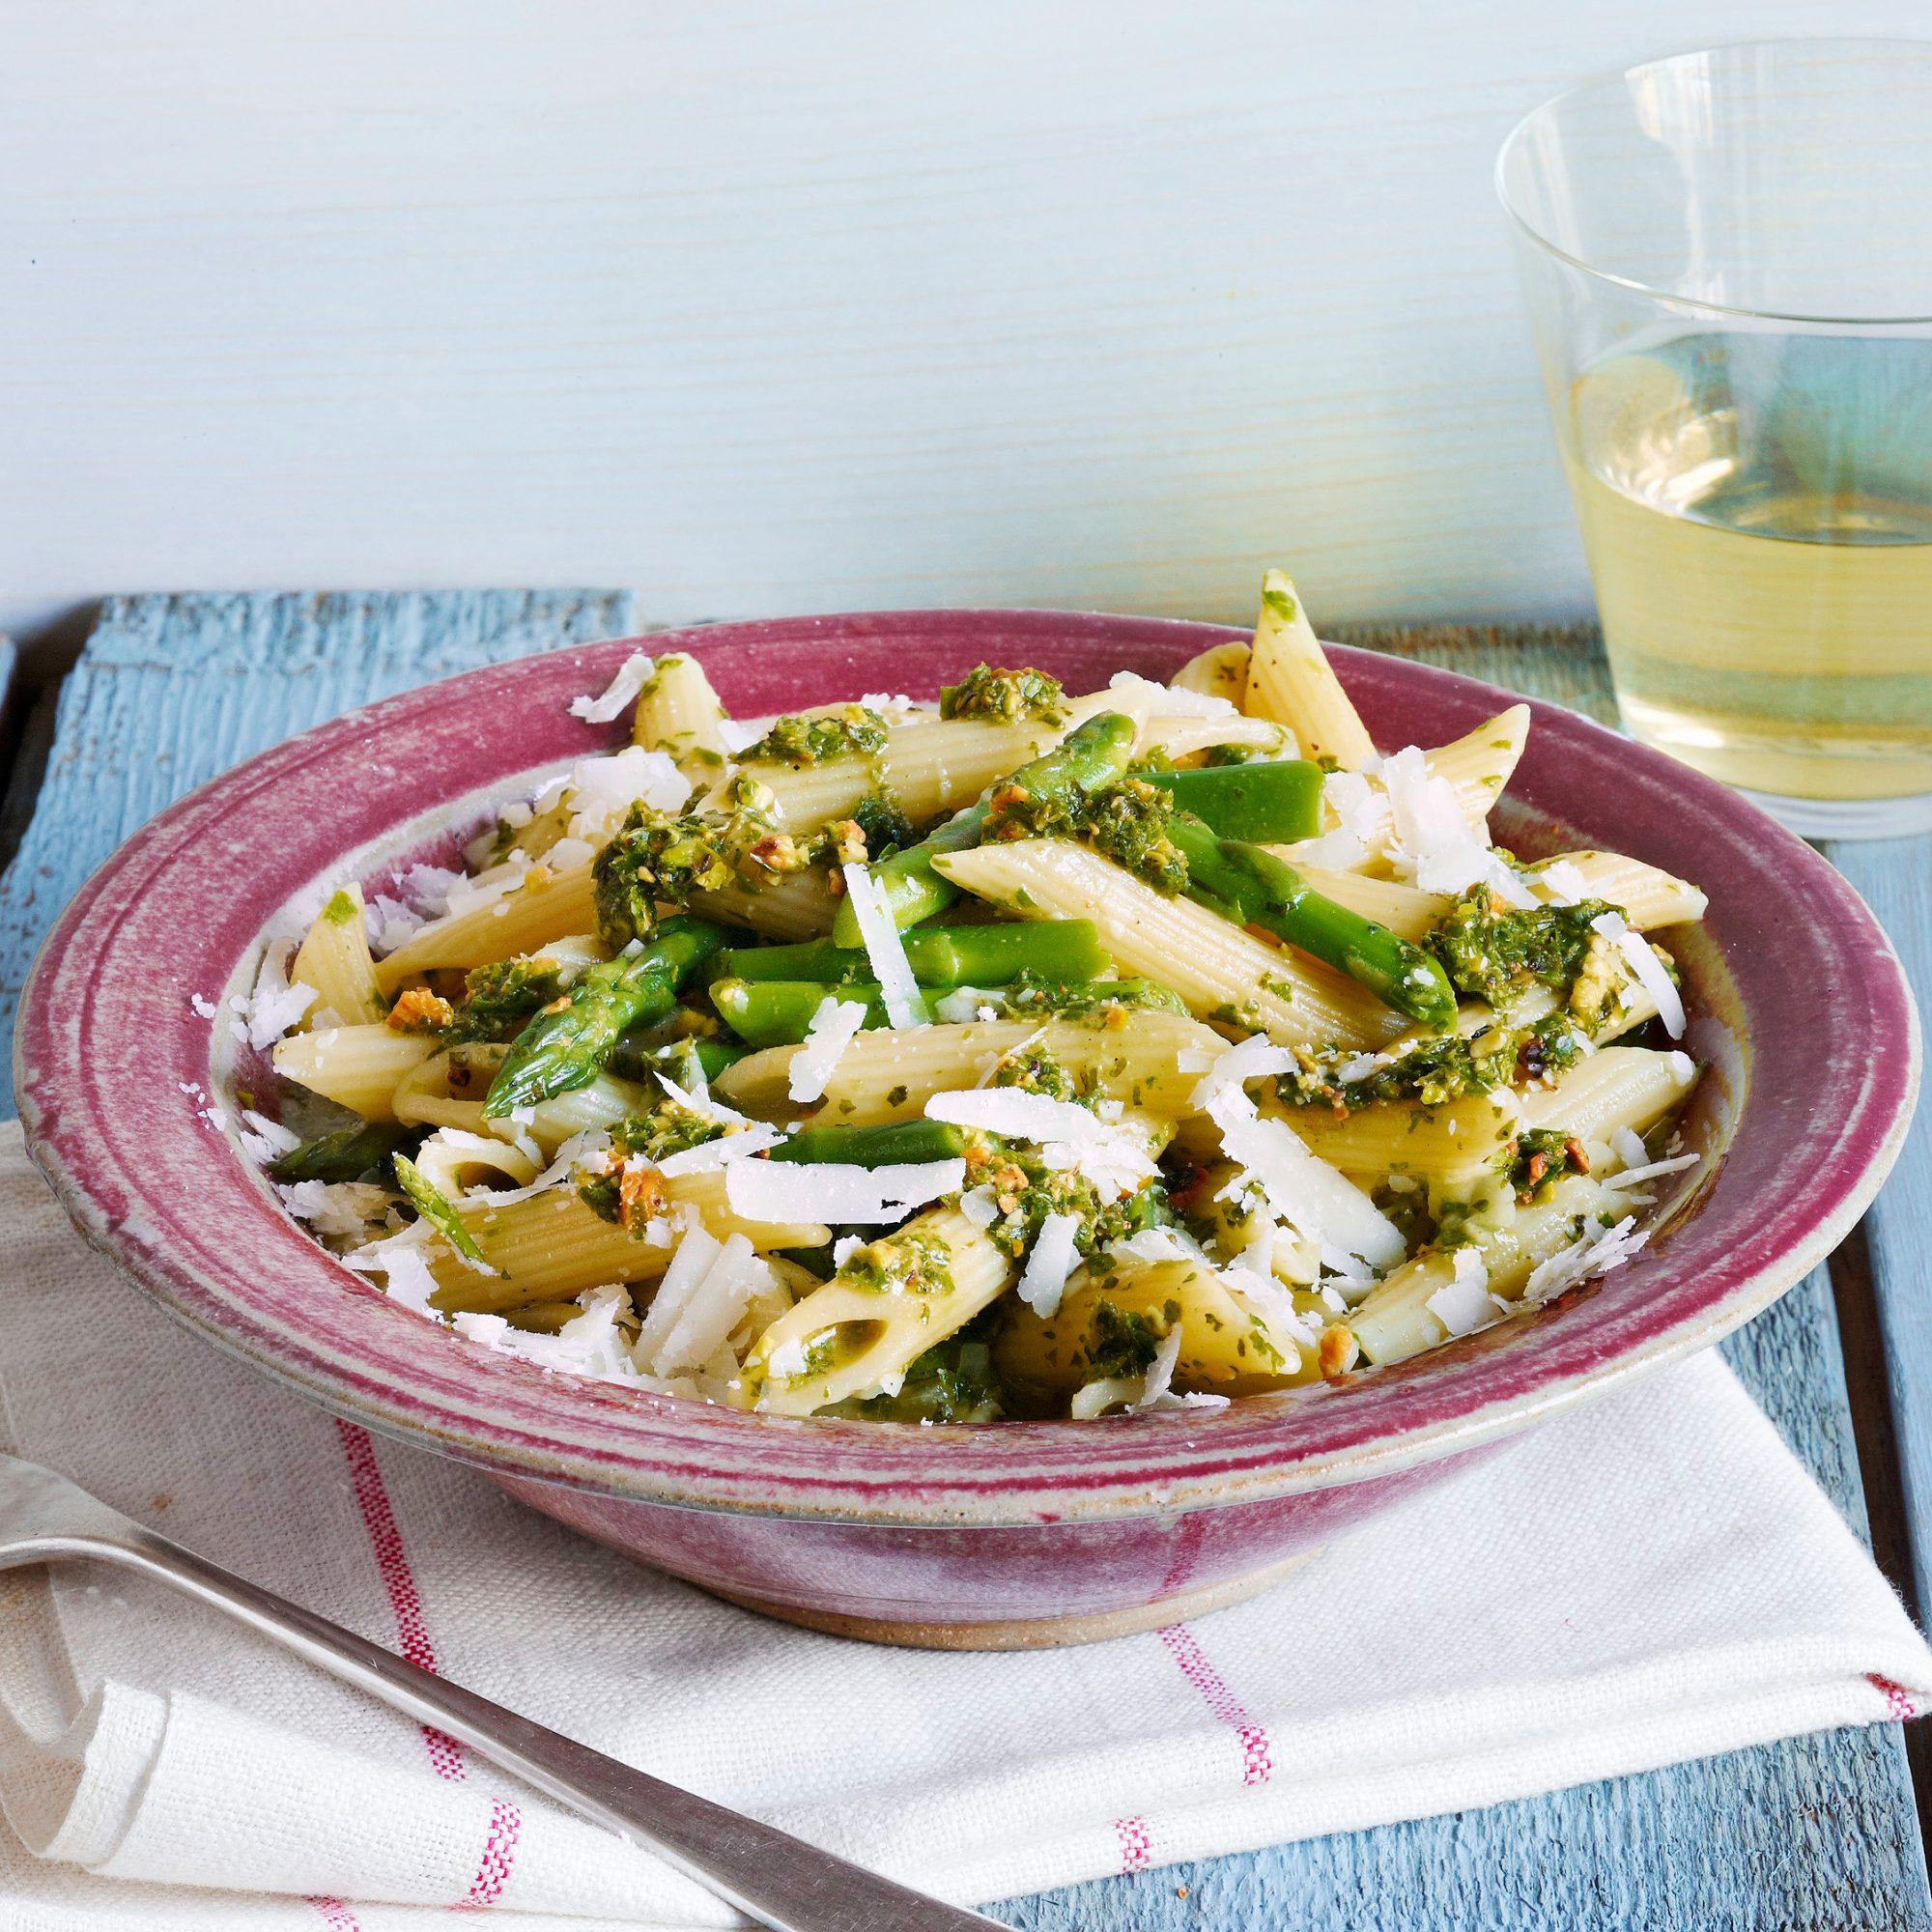 Penne with Asparagus, Mint & Pistachios